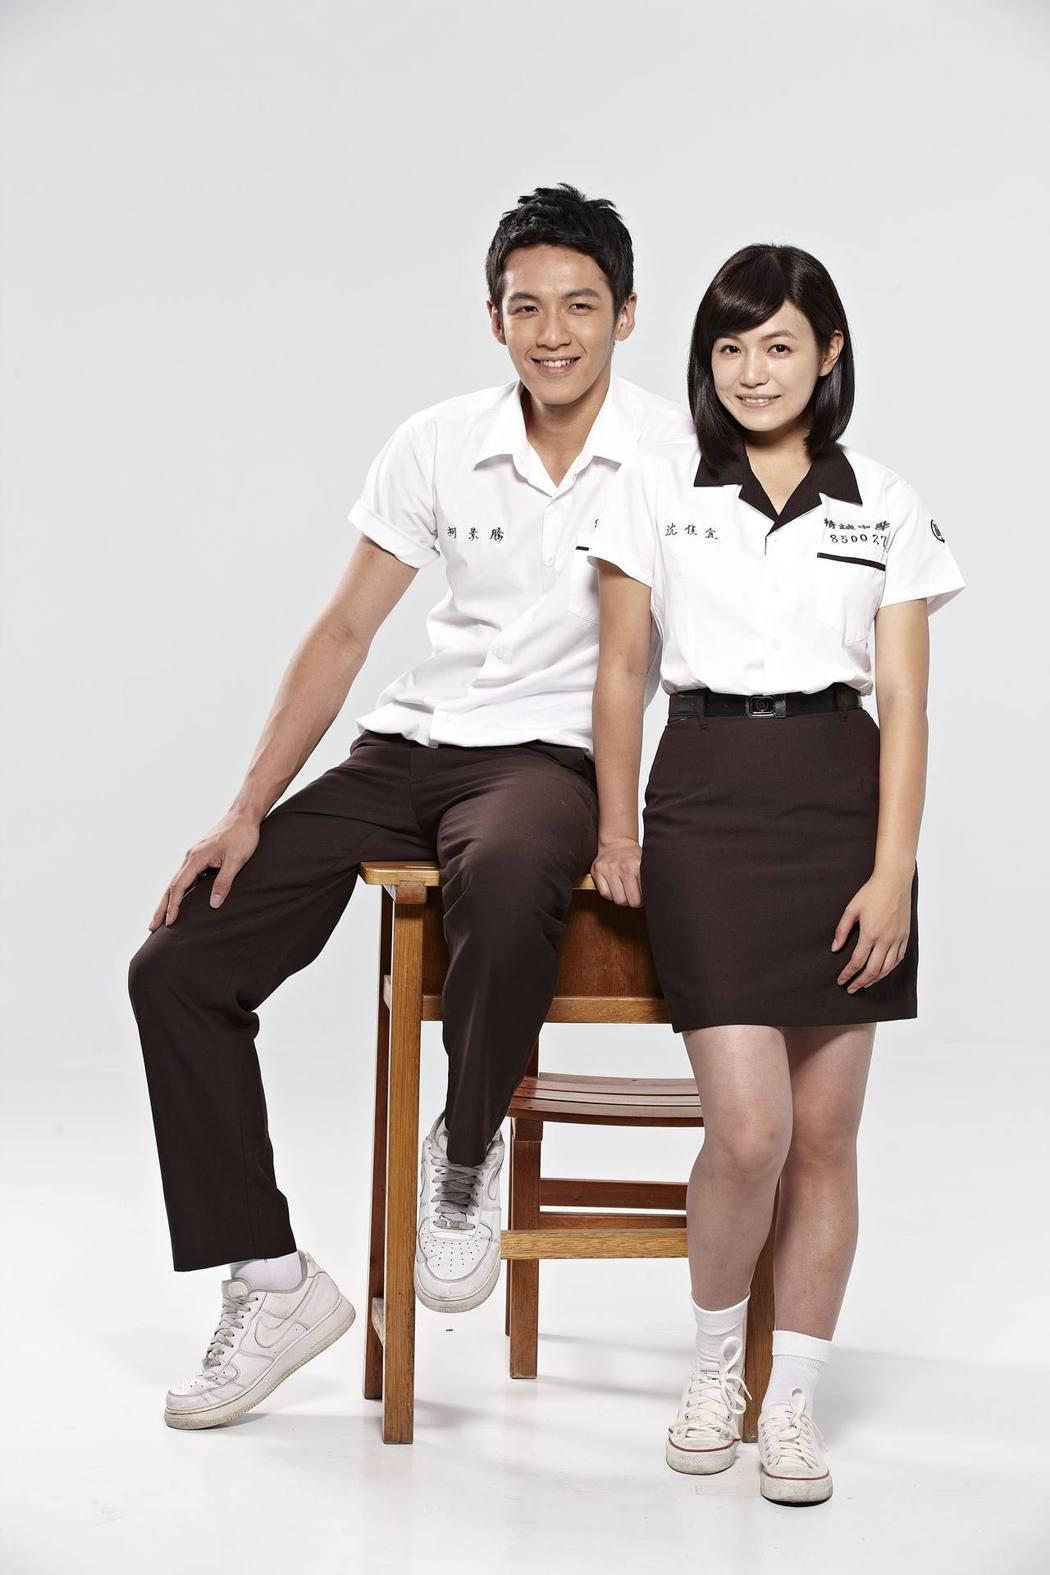 柯震東和陳妍希因演出「那些年,我們一起追的女孩」紅遍兩岸三地。圖/索尼音樂提供